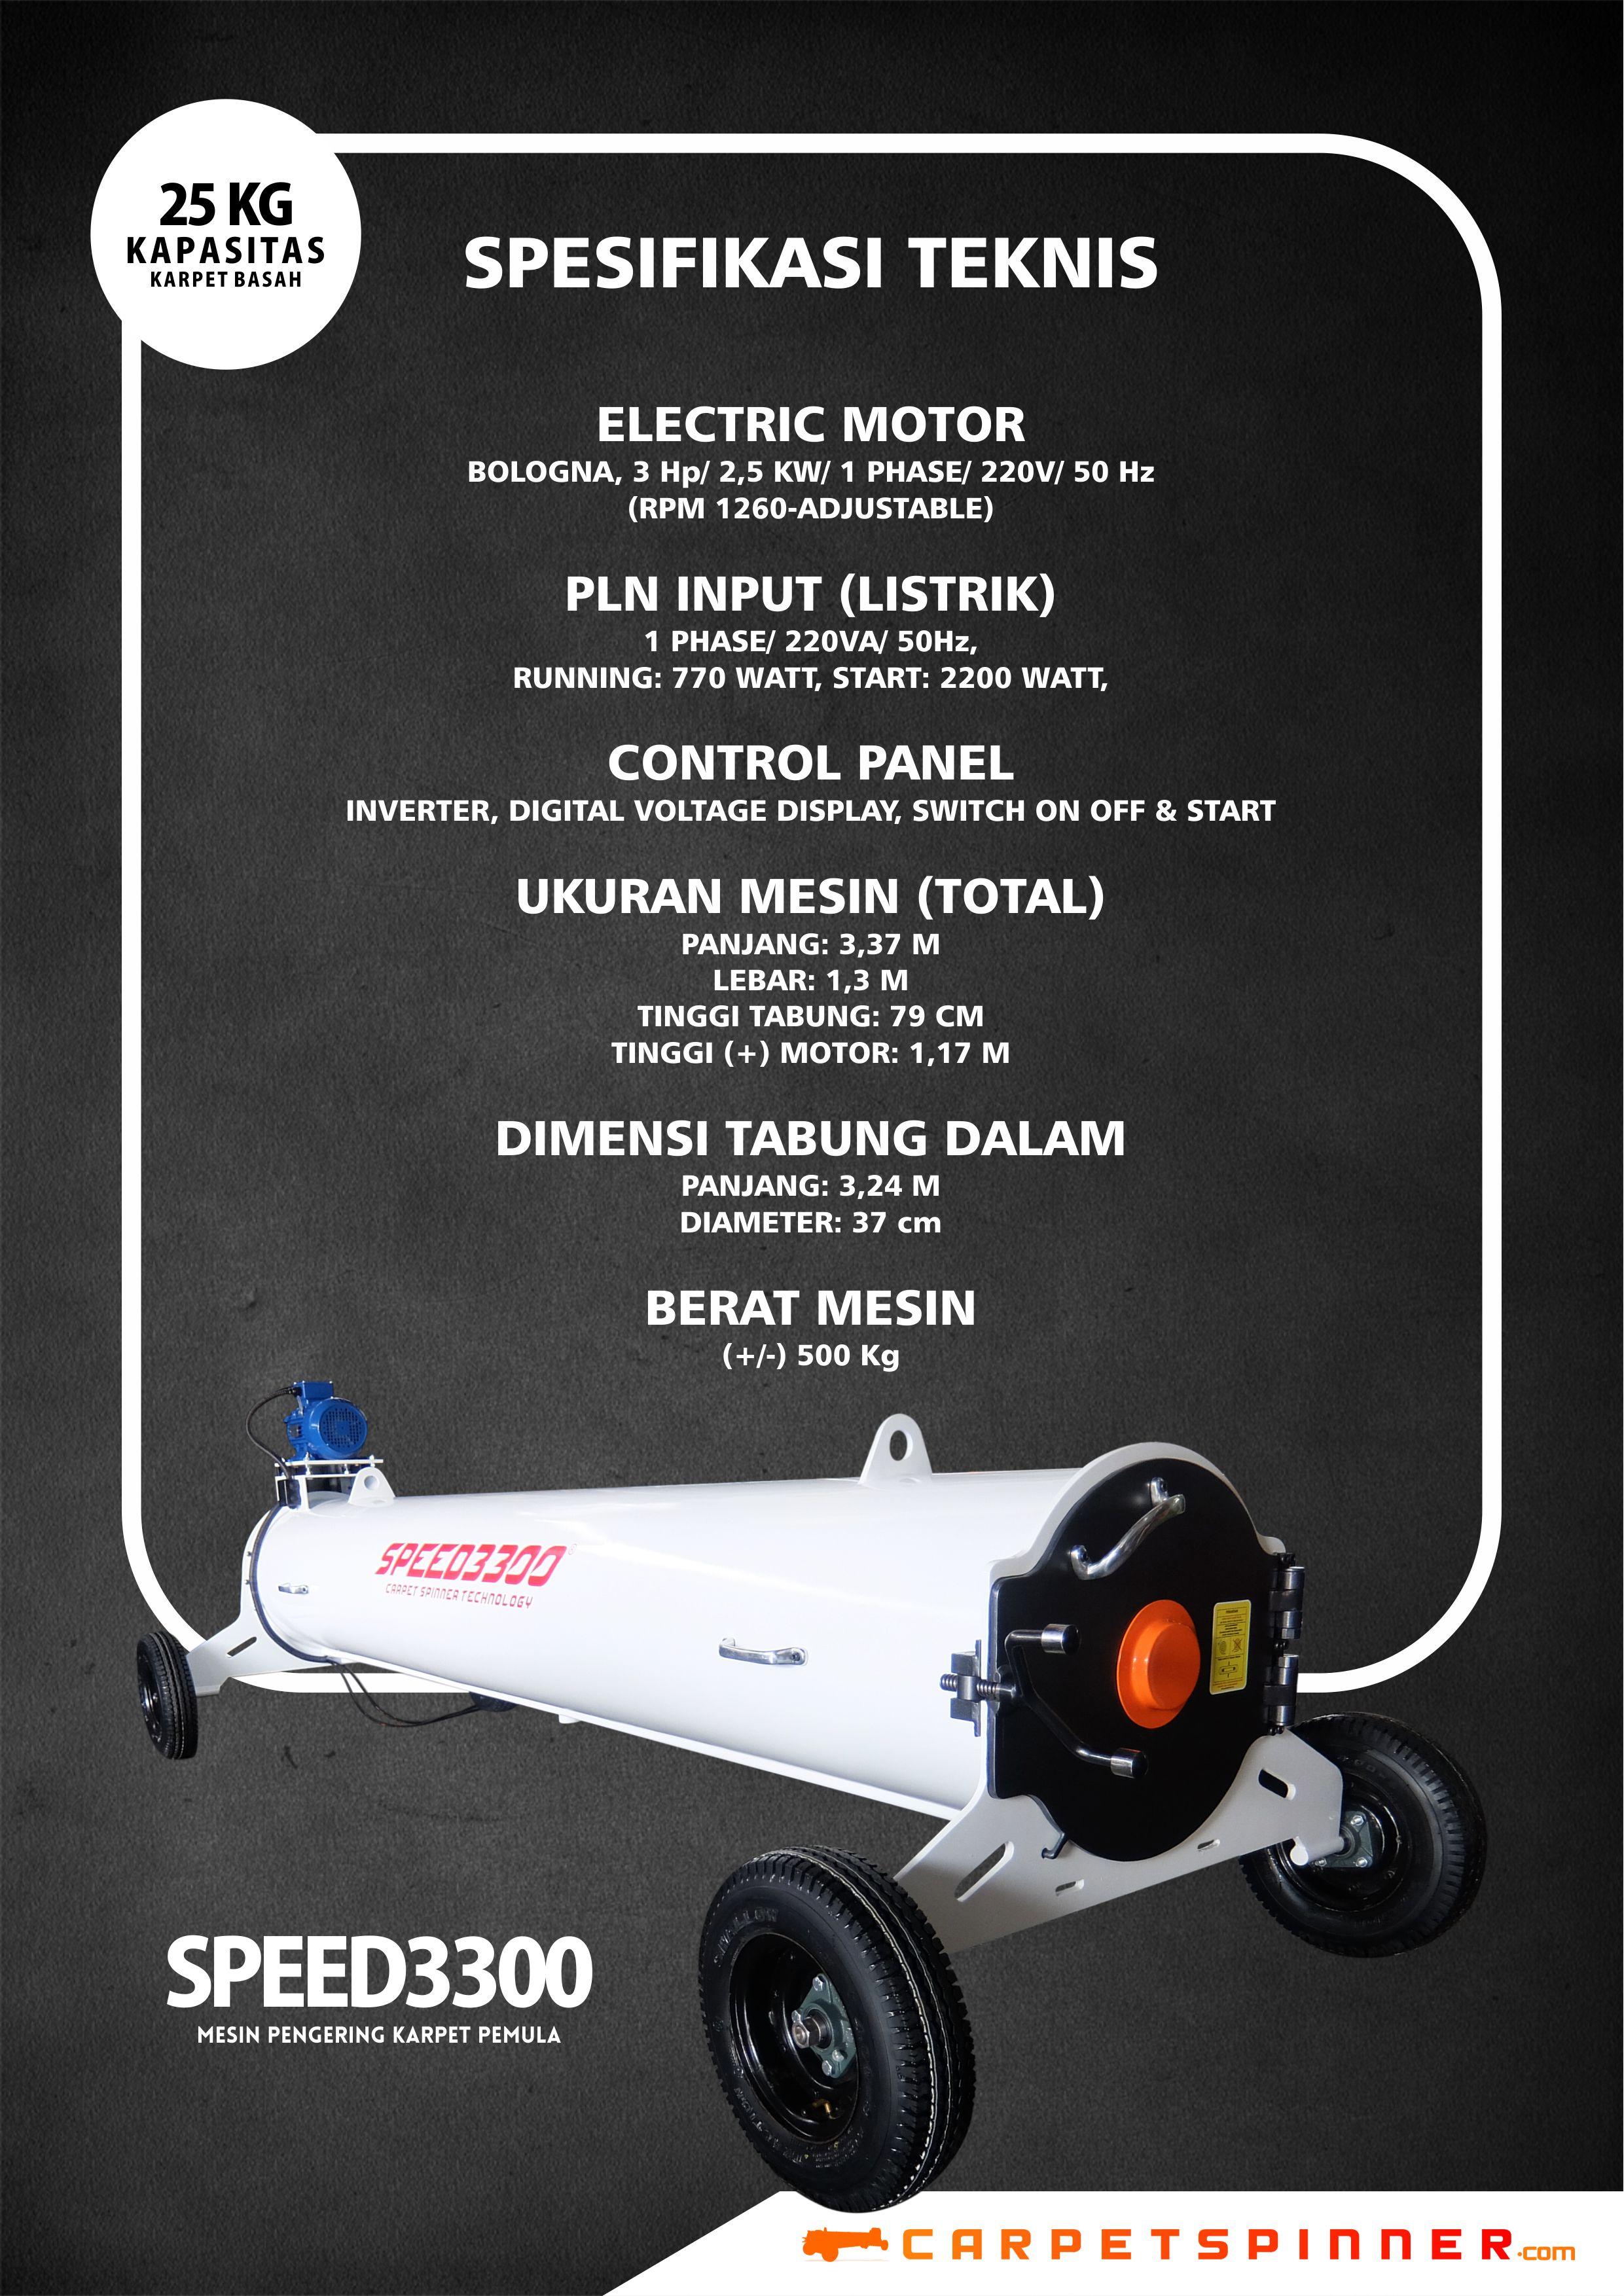 Spesifikasi Teknis SPEED3300